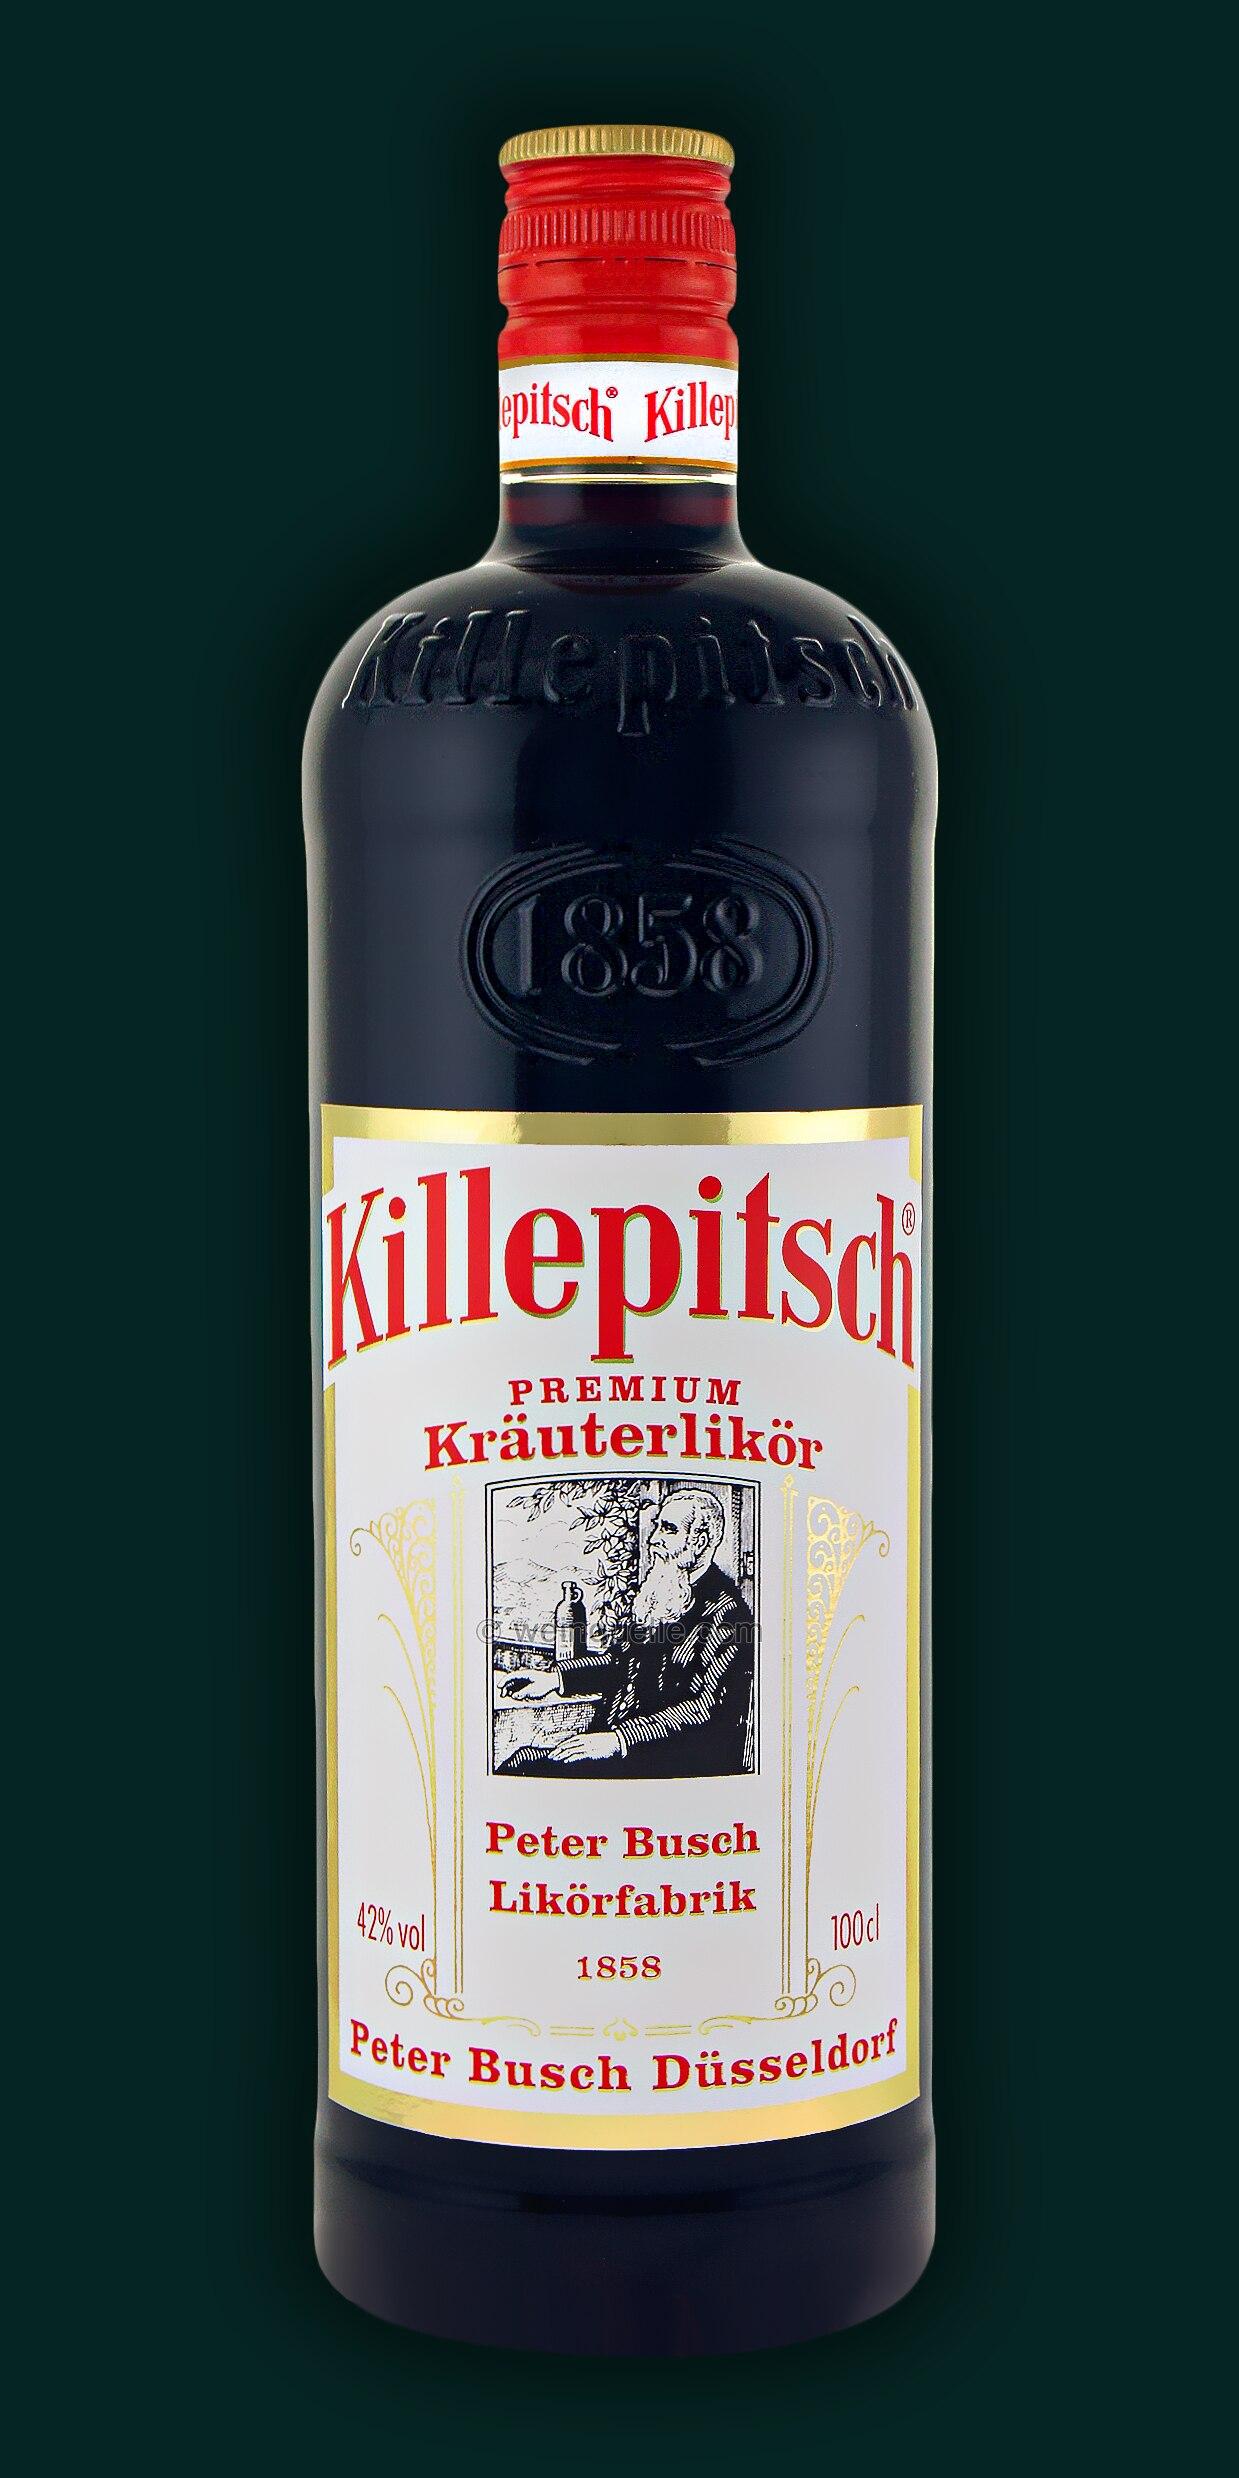 Killepitsch Düsseldorf 1,0 Liter, 20,80 € - Weinquelle Lühmann